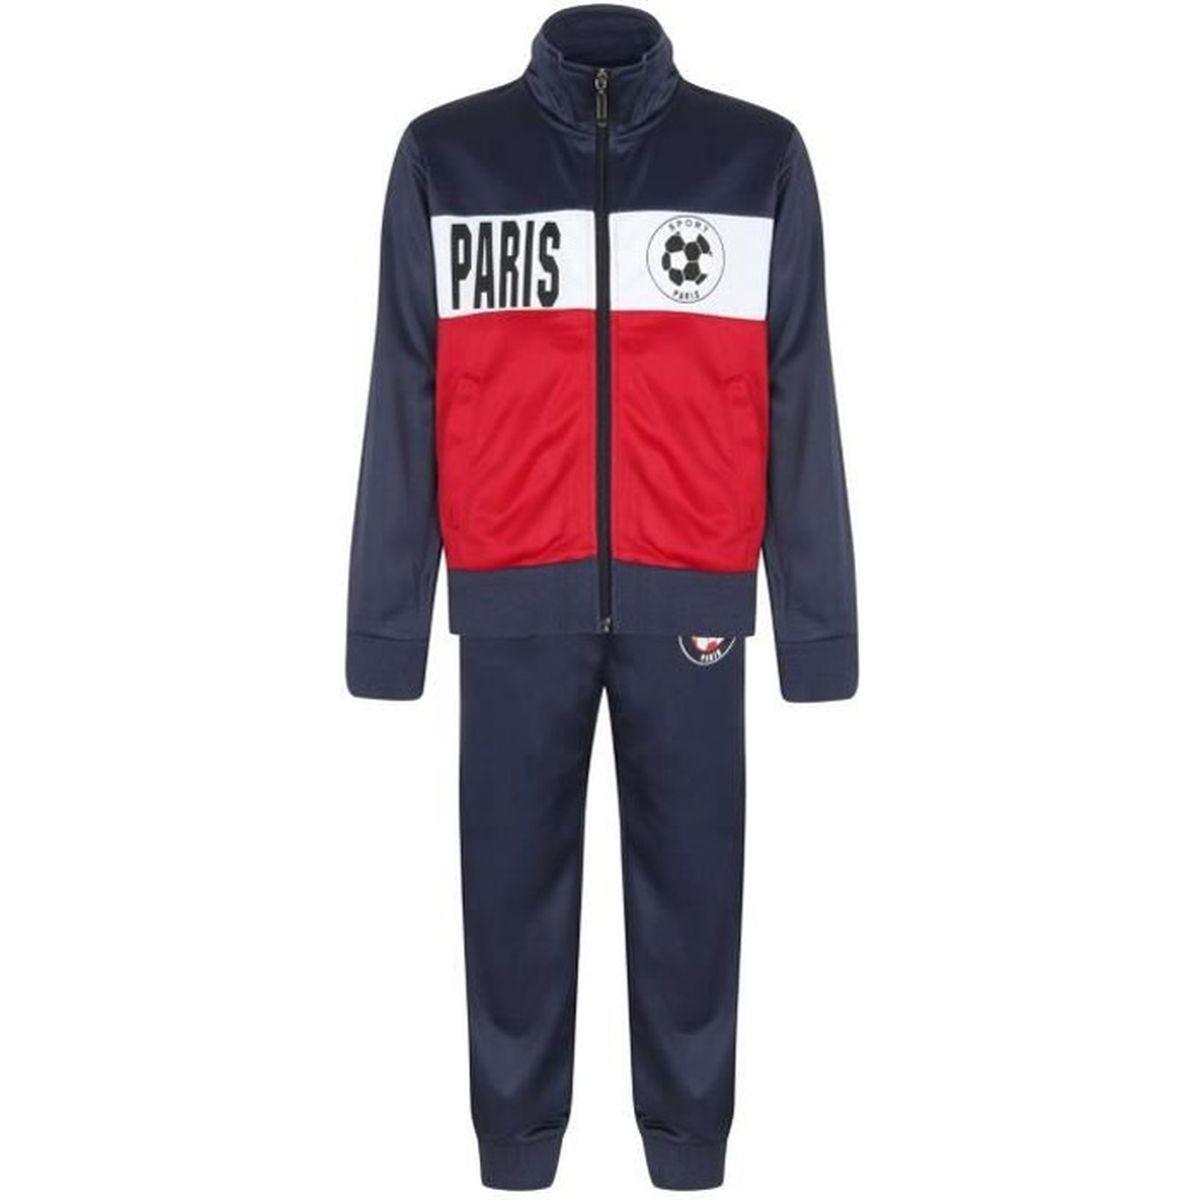 Survetement Jogging De Sport Npz Jogging Survêtement Foot Paris Enfant Taille De 4 à 14 Ans Bleu Achat Vente Ensemble De Vêtements Soldes Sur Cdiscount Dès Le 20 Janvier Cdiscount